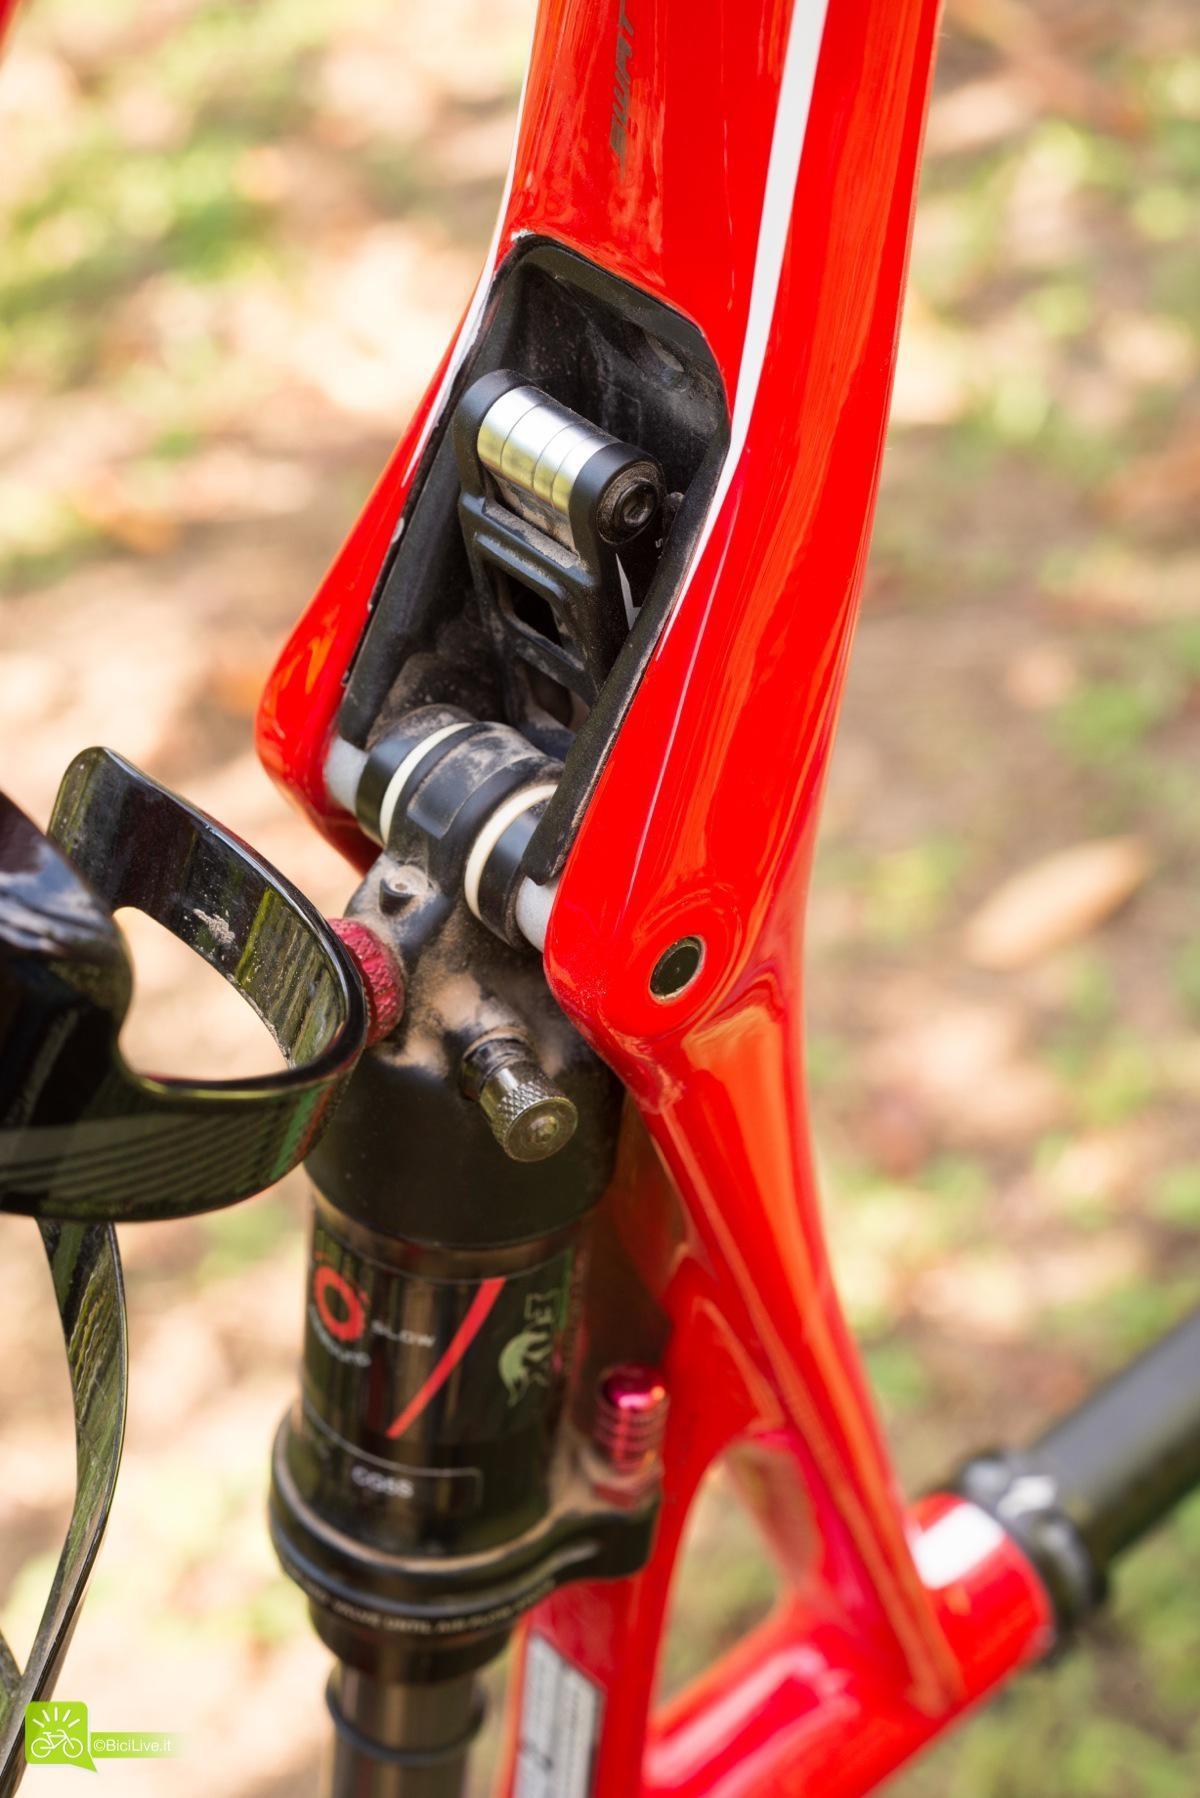 Nel Kit SWAT (Storage, Water, Air, Tool): Il piccolo Multi-tool con brugole e torx nascosto in un vano tra ammo e top tube, prima genialata!